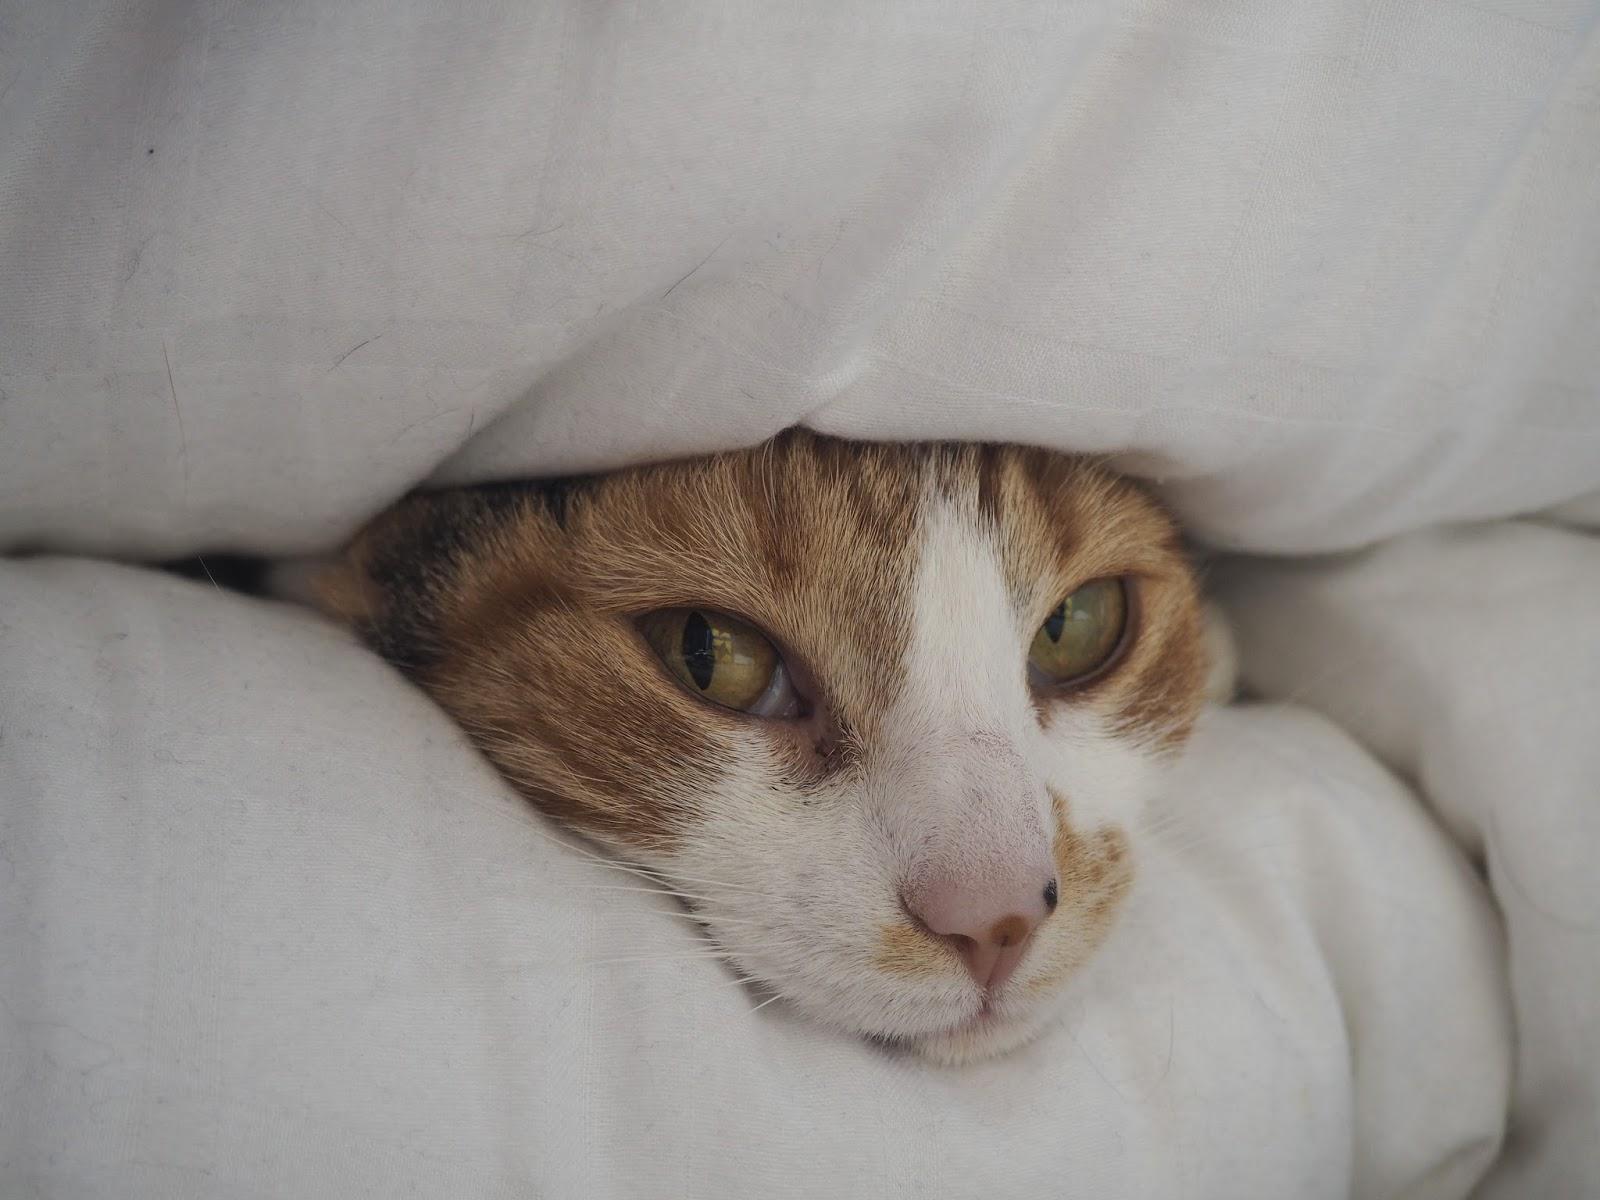 Peekaboo cat